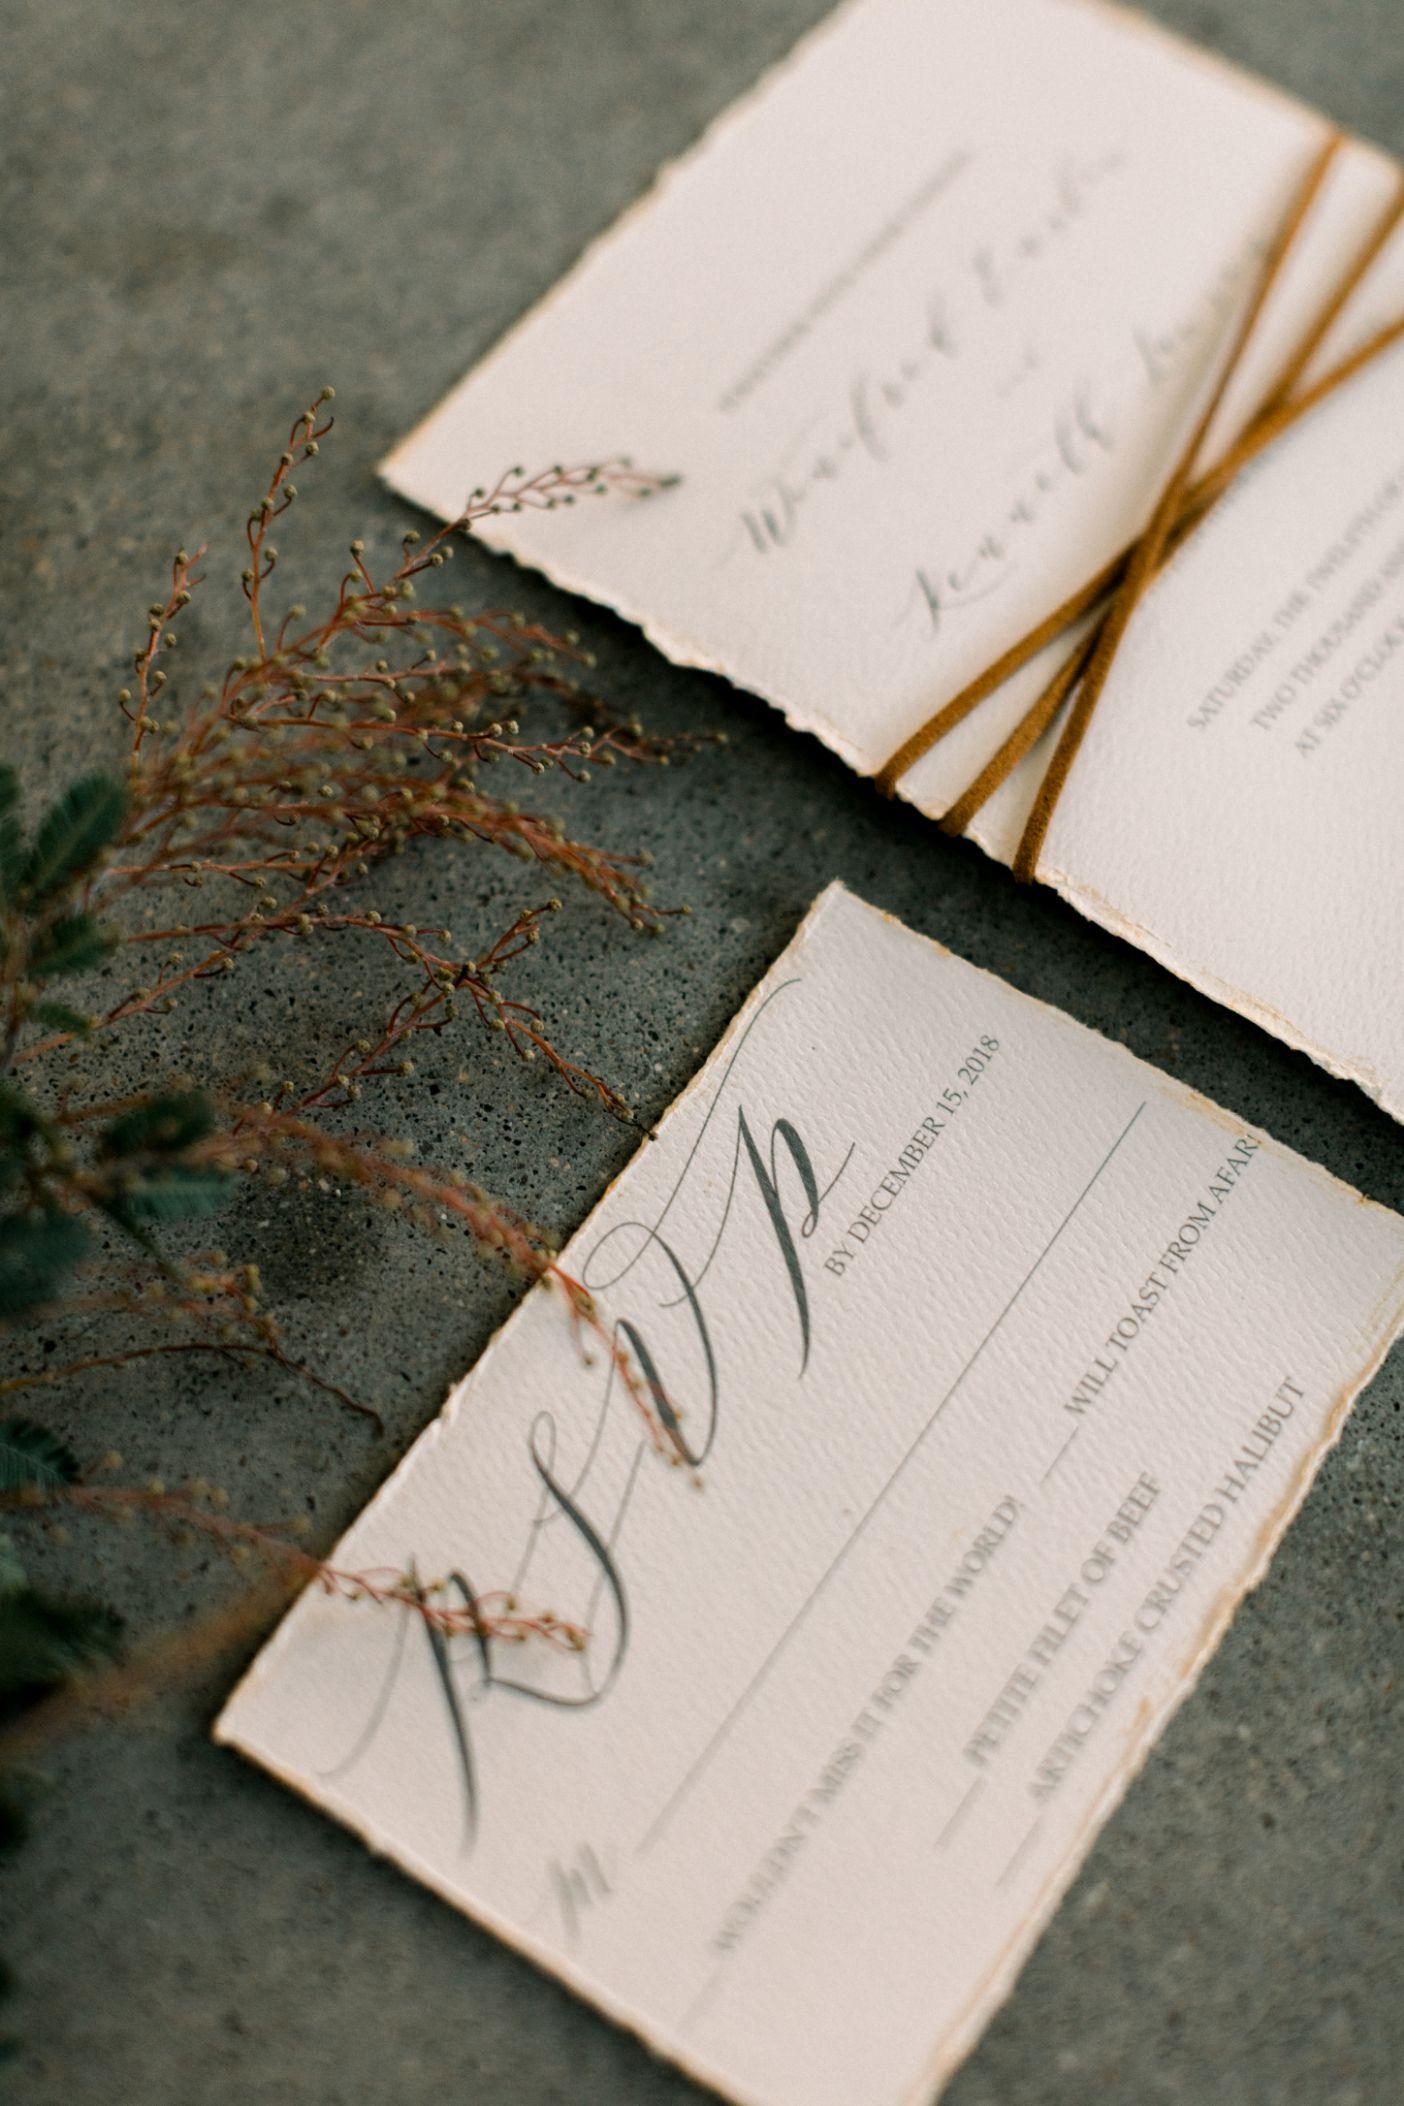 artists-for-humanity-industrial-bohemian-wedding-daylynn-designs30.jpg